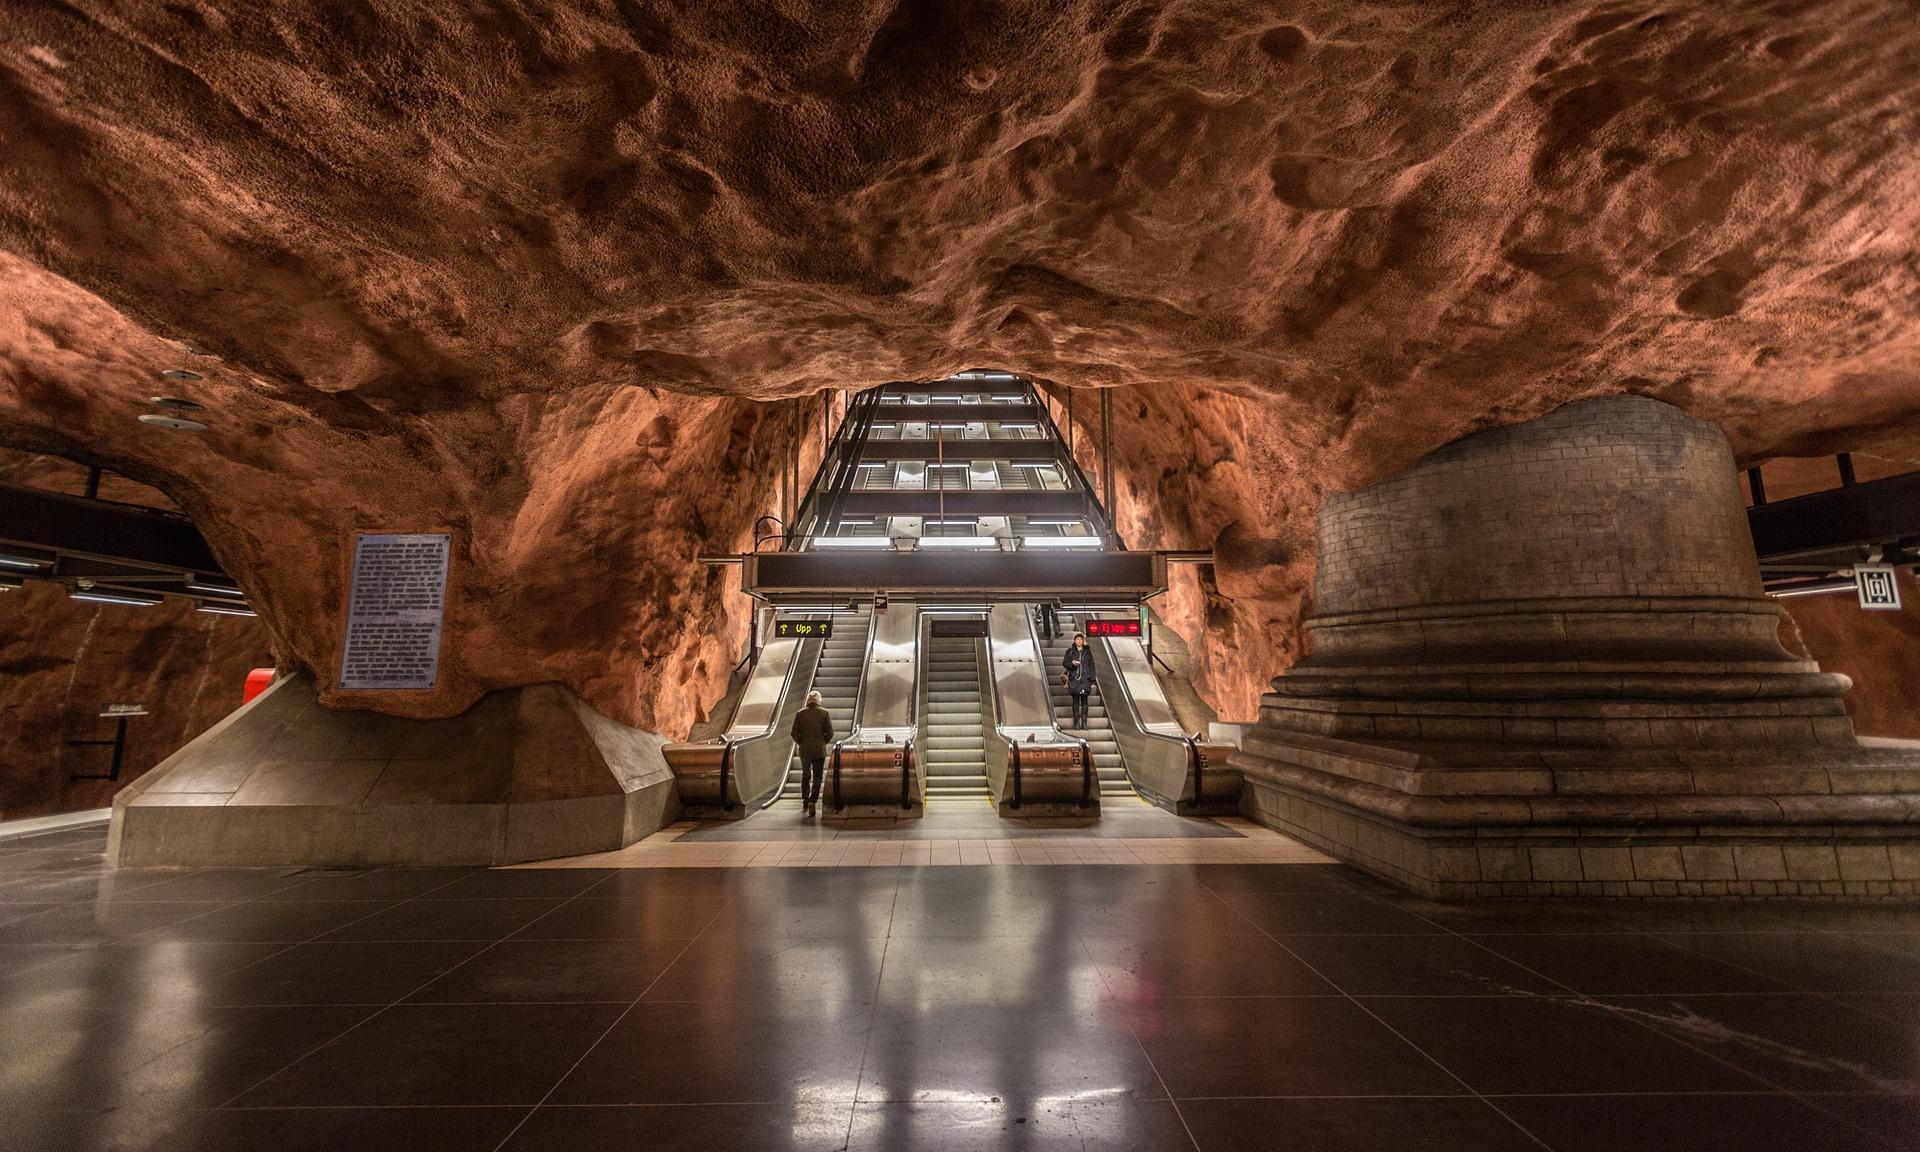 ایستگاههای متروی شهر استکهلم